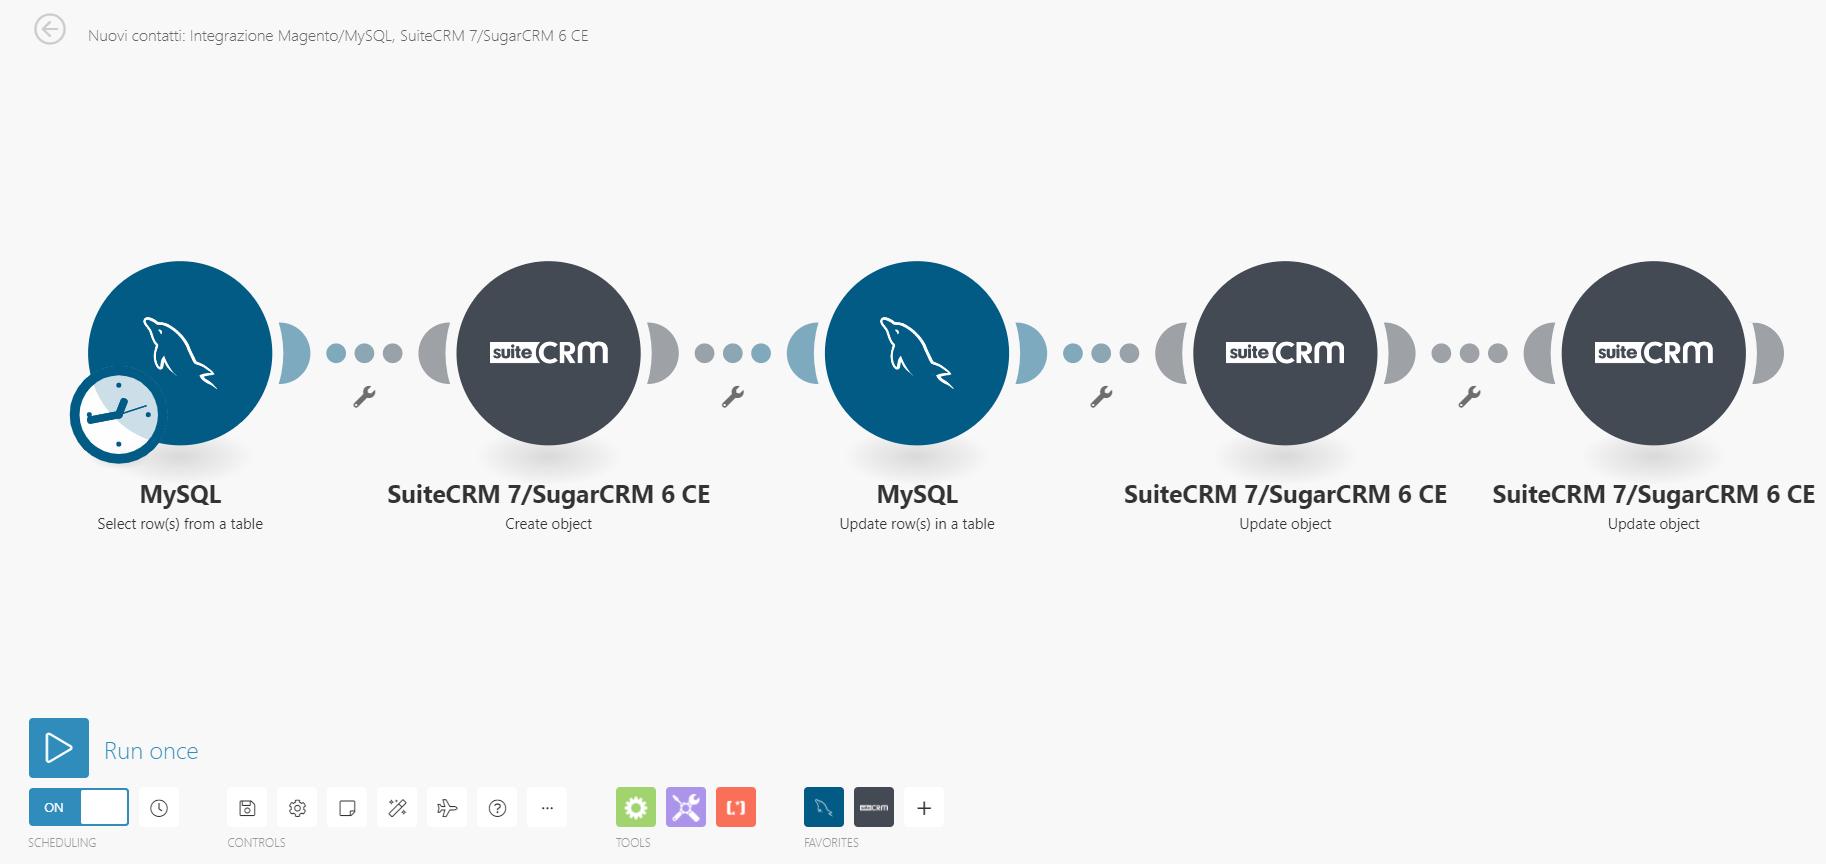 familyre integromat ilwebcreativo web agency Integrazione piattaforme e sincronizzazione